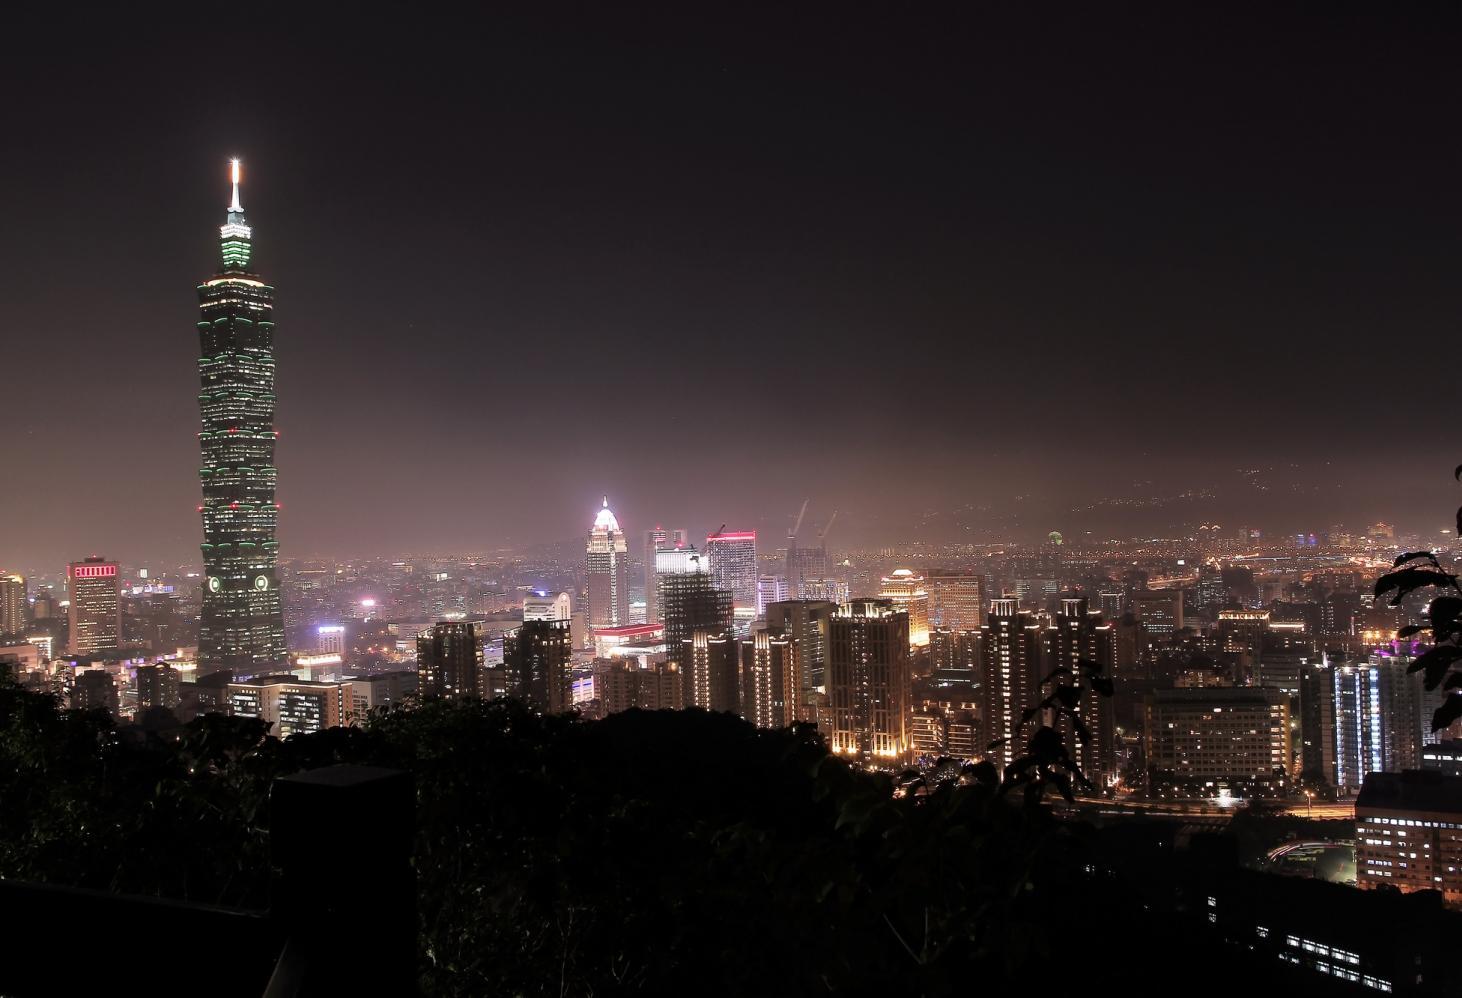 Башня Тайбэй 101, Тайбэй (Taipei 101)